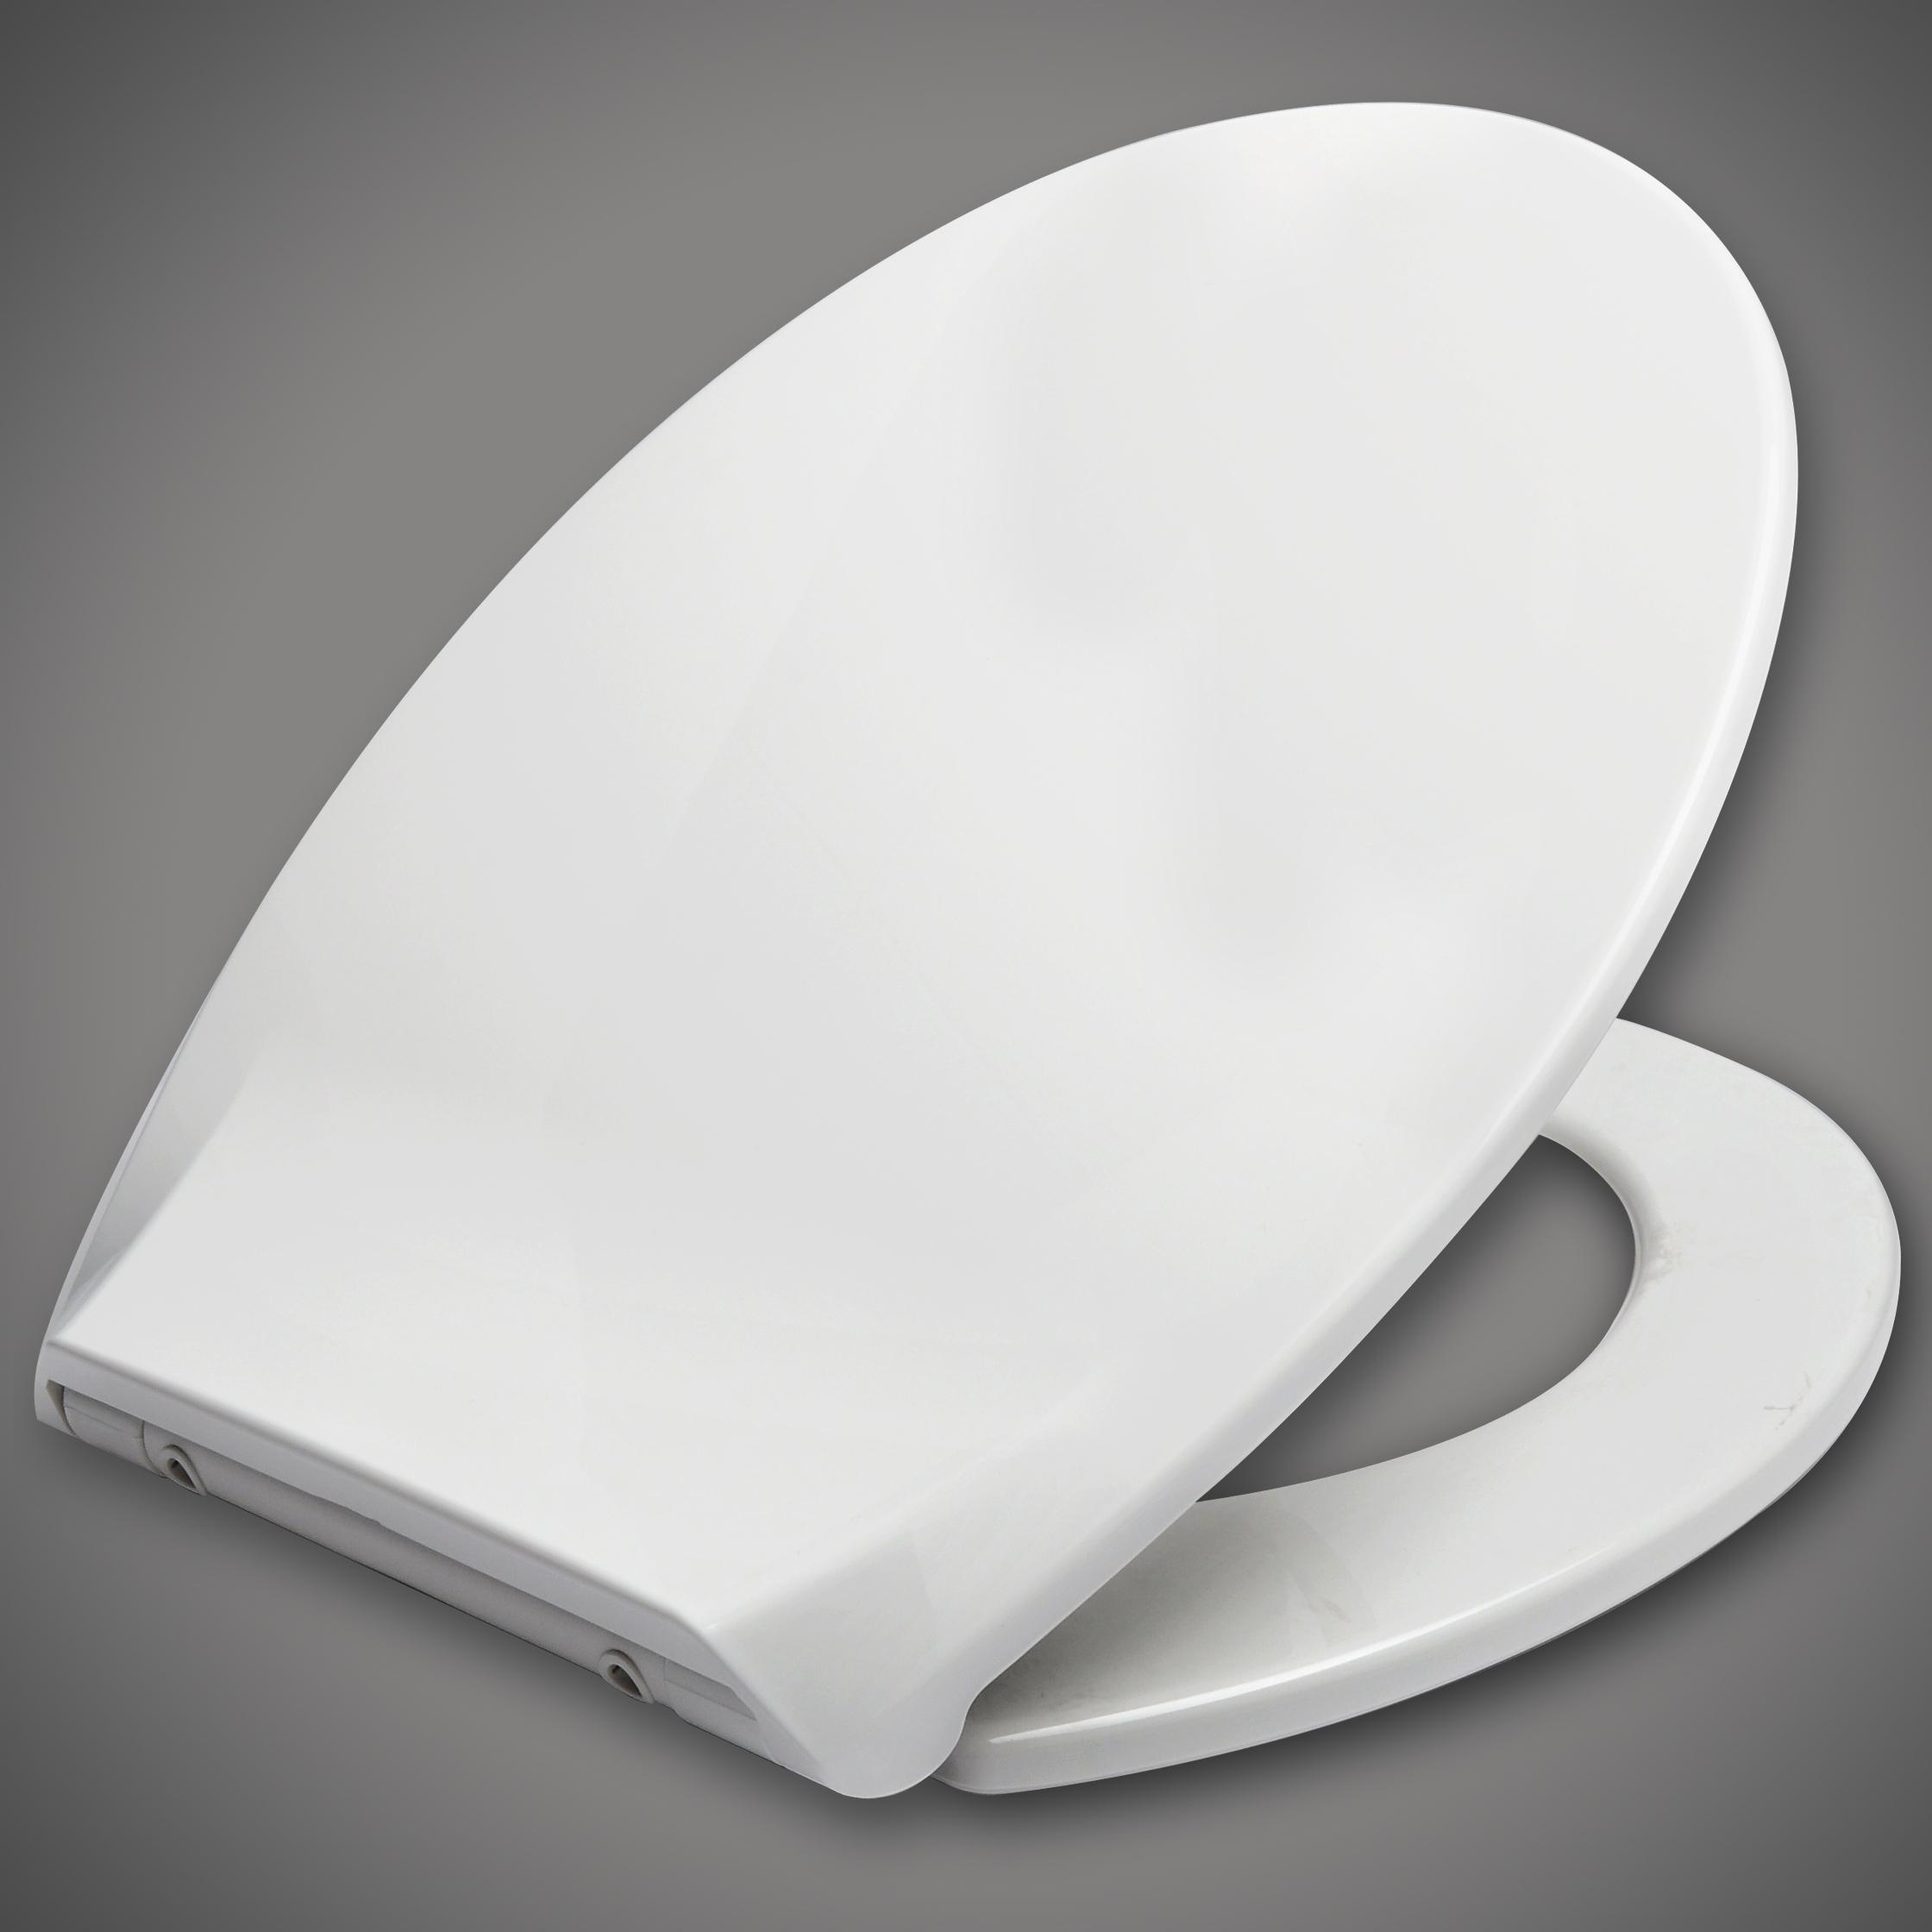 toilettendeckel wc sitz klodeckel mit absenkautomatik toilettenbrille wei 62 1 ebay. Black Bedroom Furniture Sets. Home Design Ideas